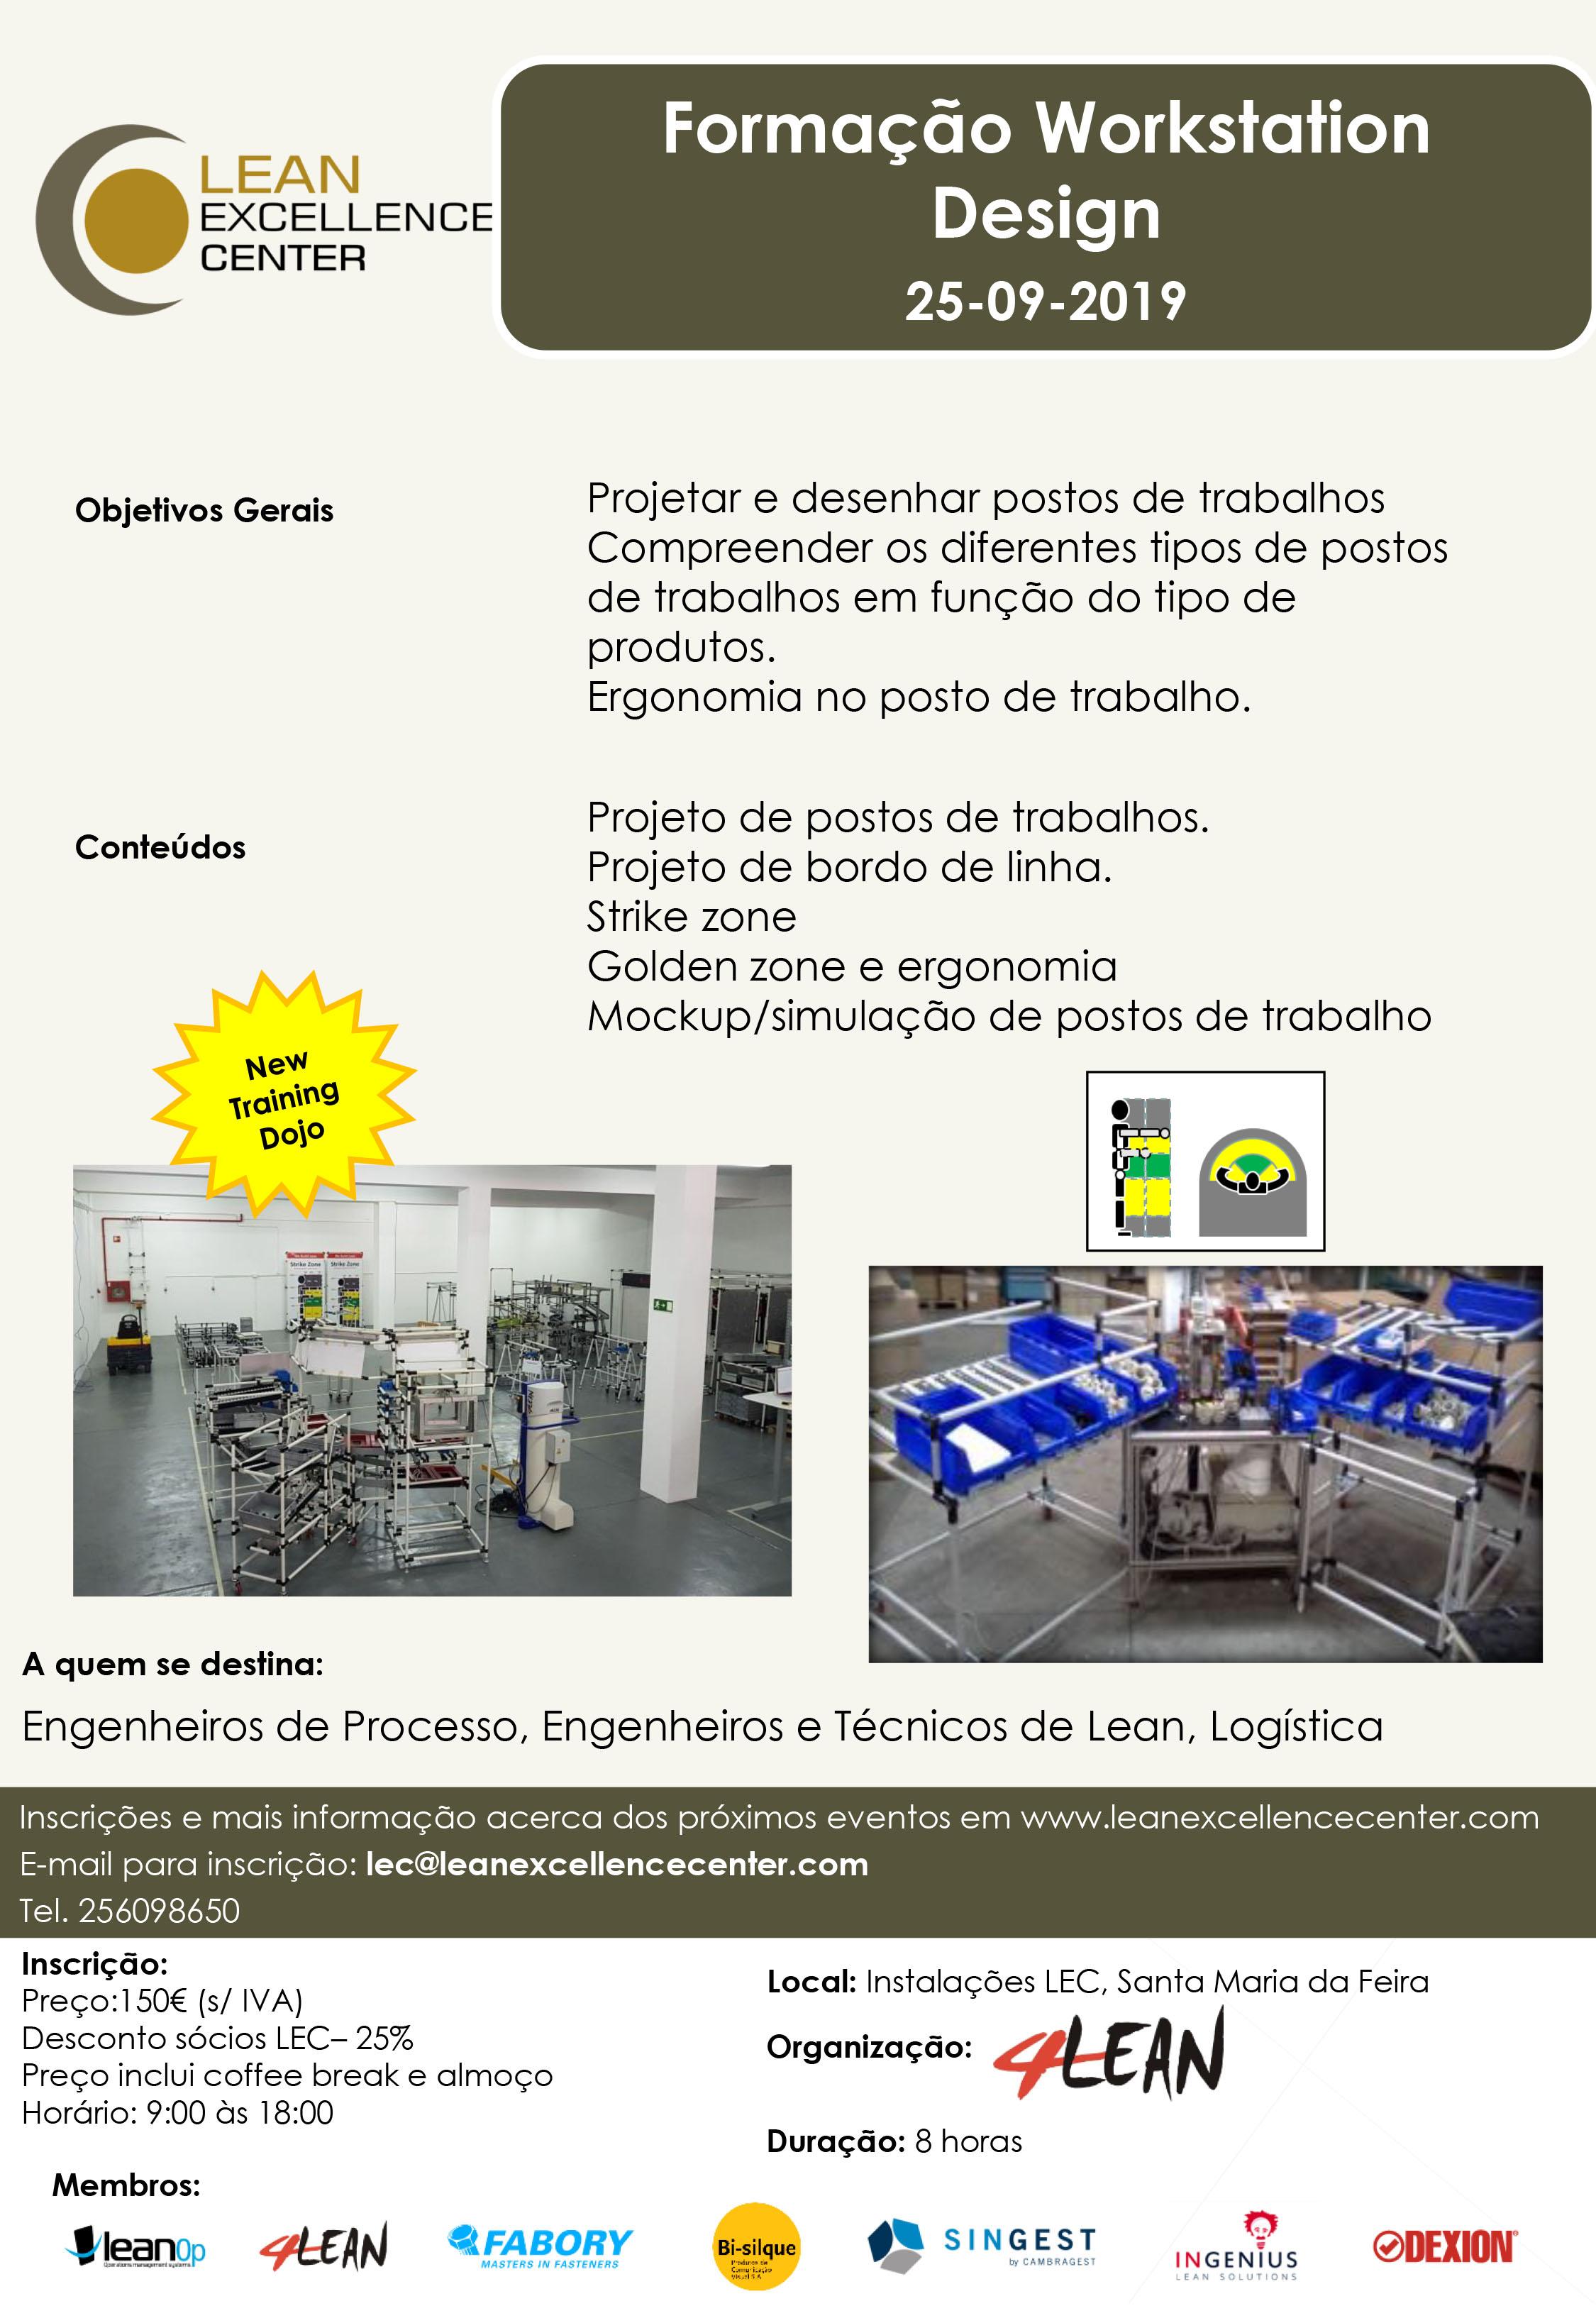 Formação Workstation Design